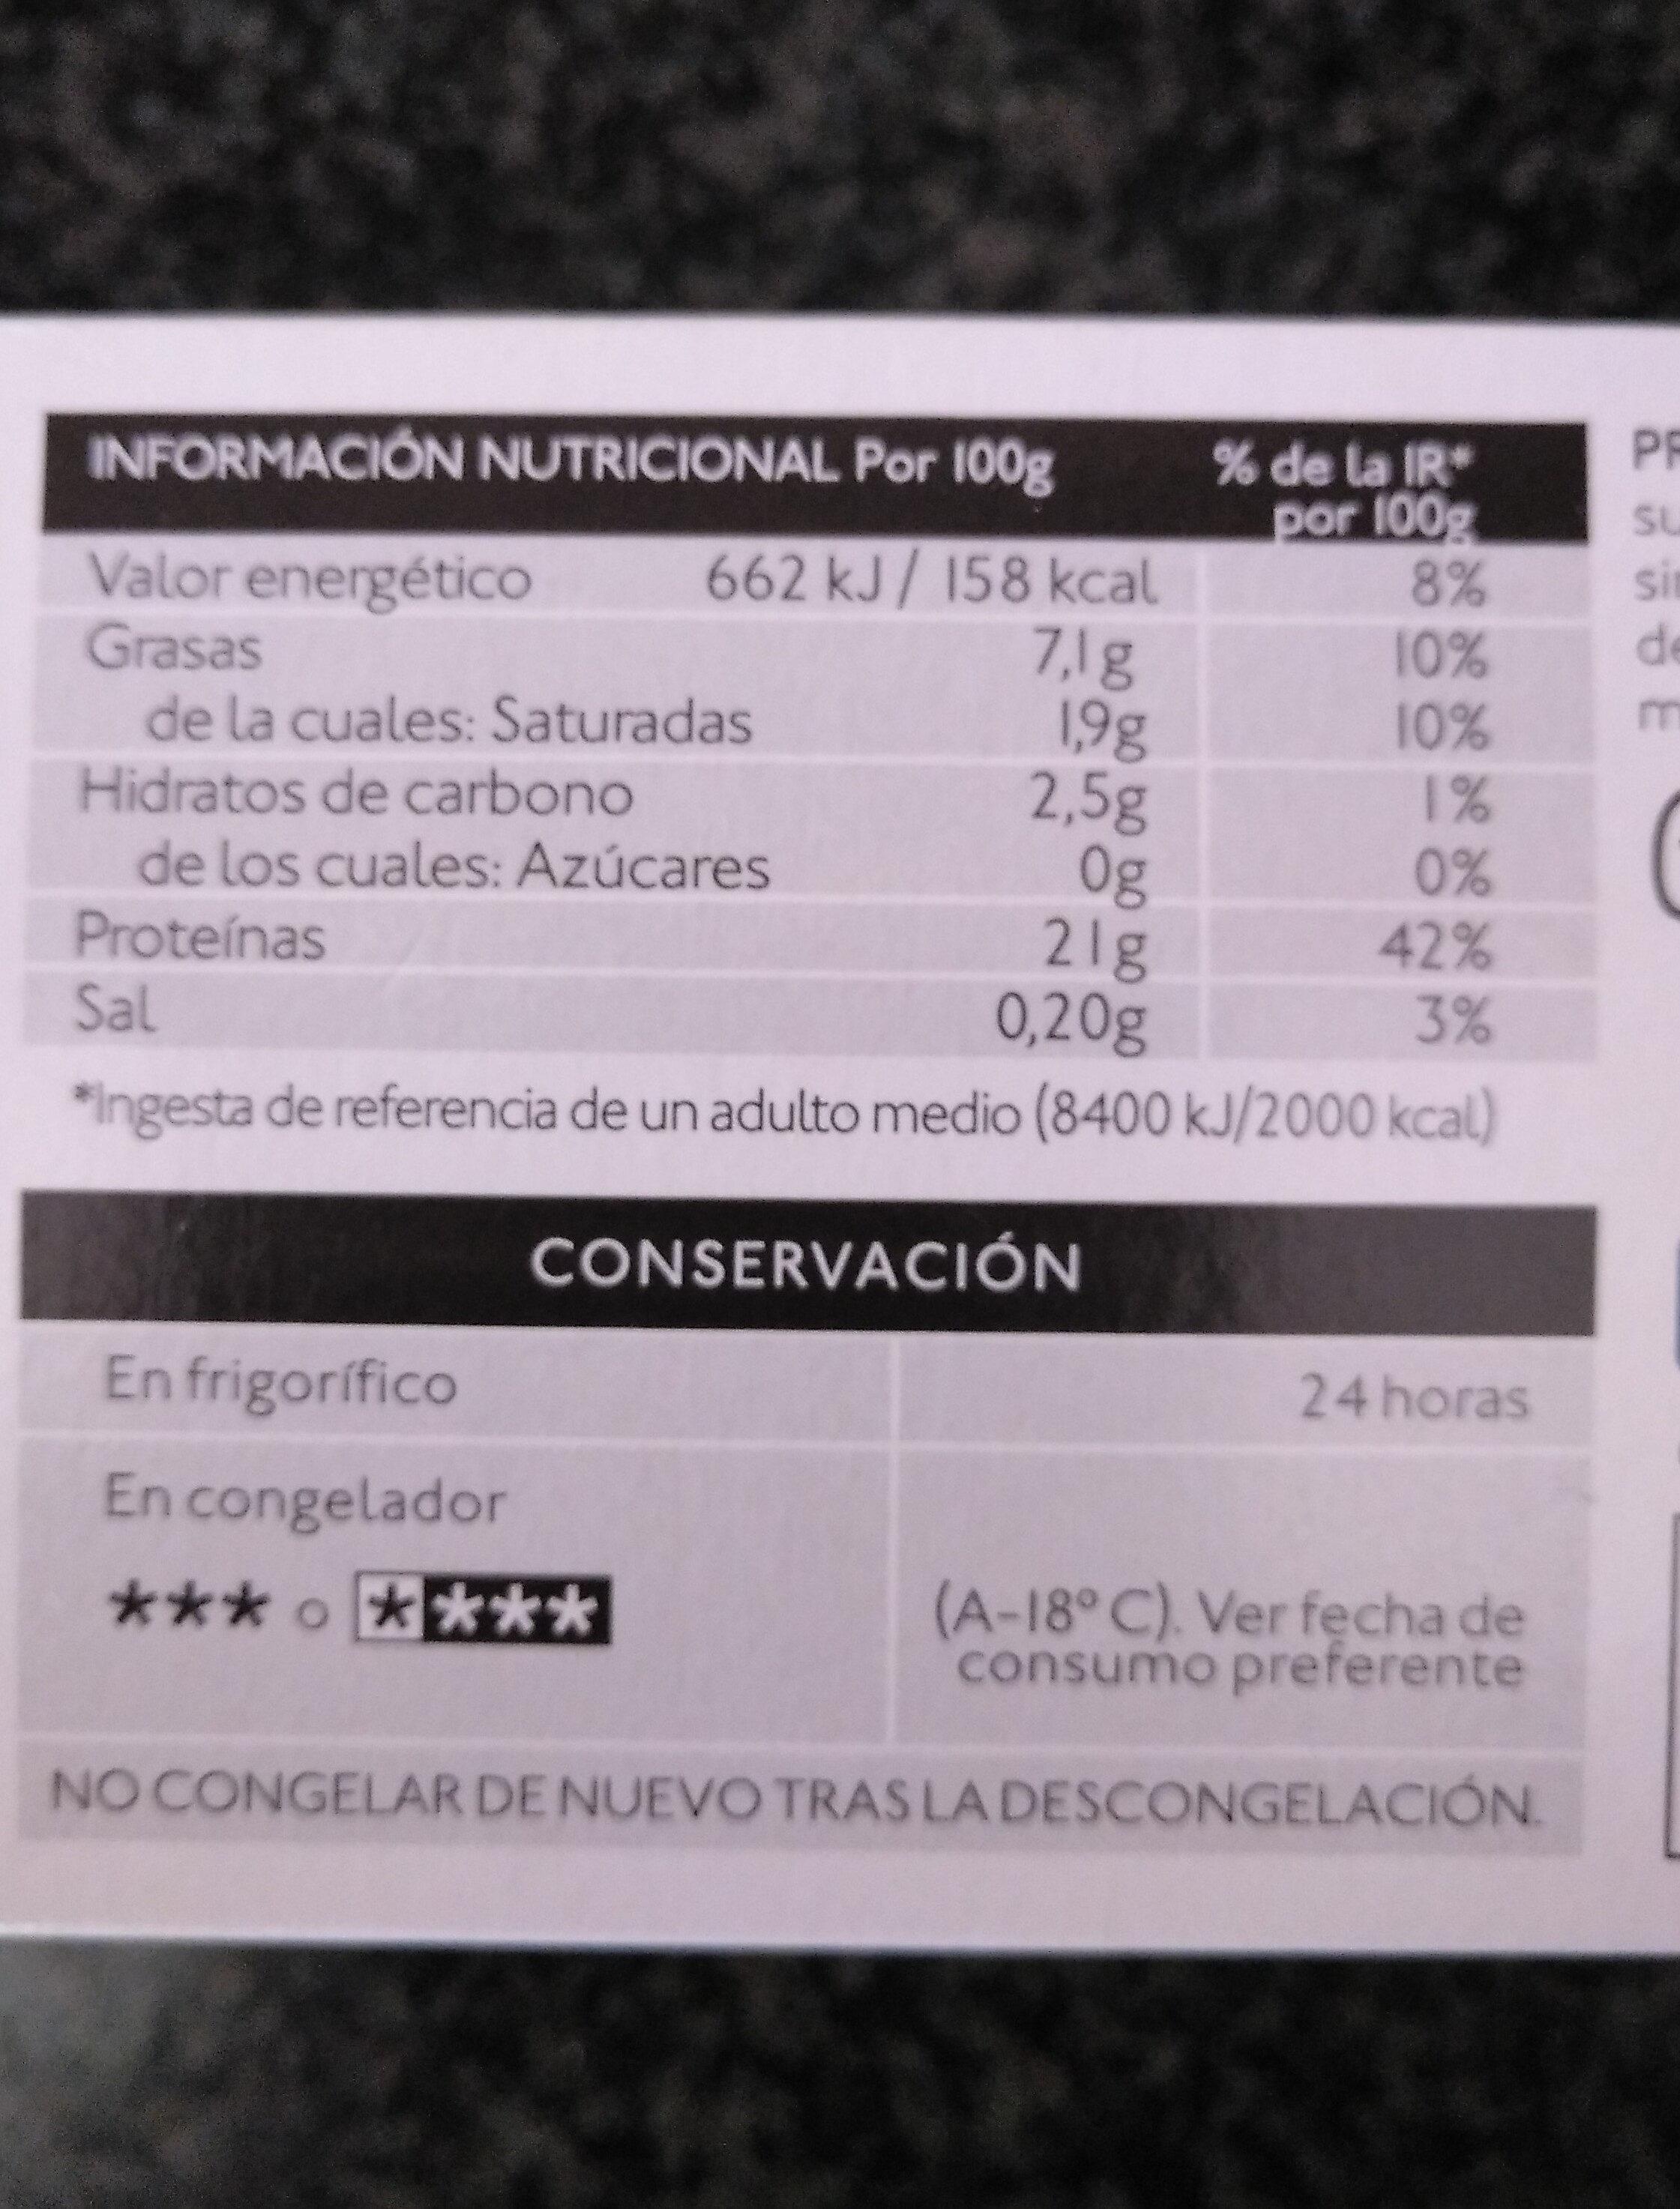 Pollo relleno con ciruelas y piñones - Nutrition facts - es